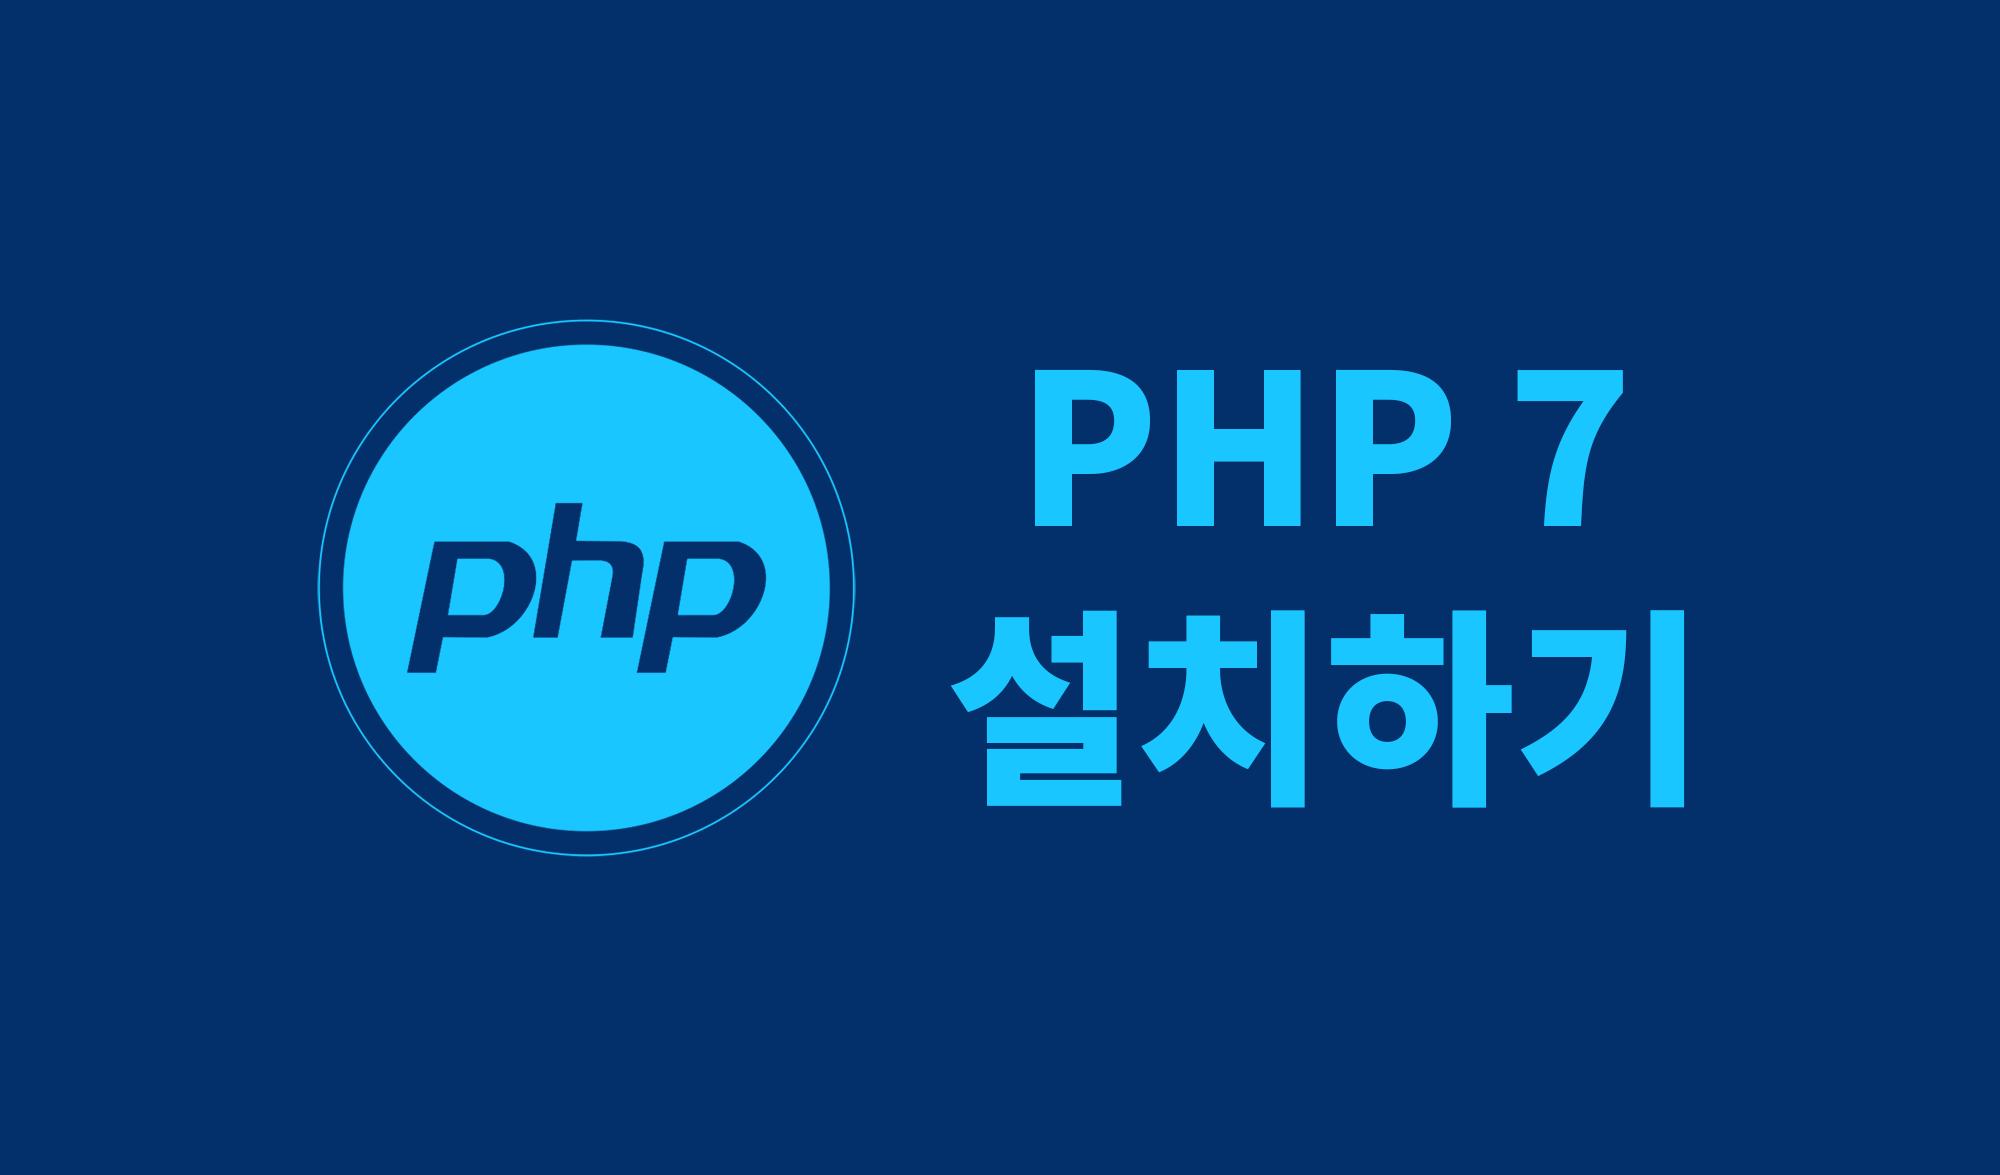 PHP 7 설치하기 대표이미지